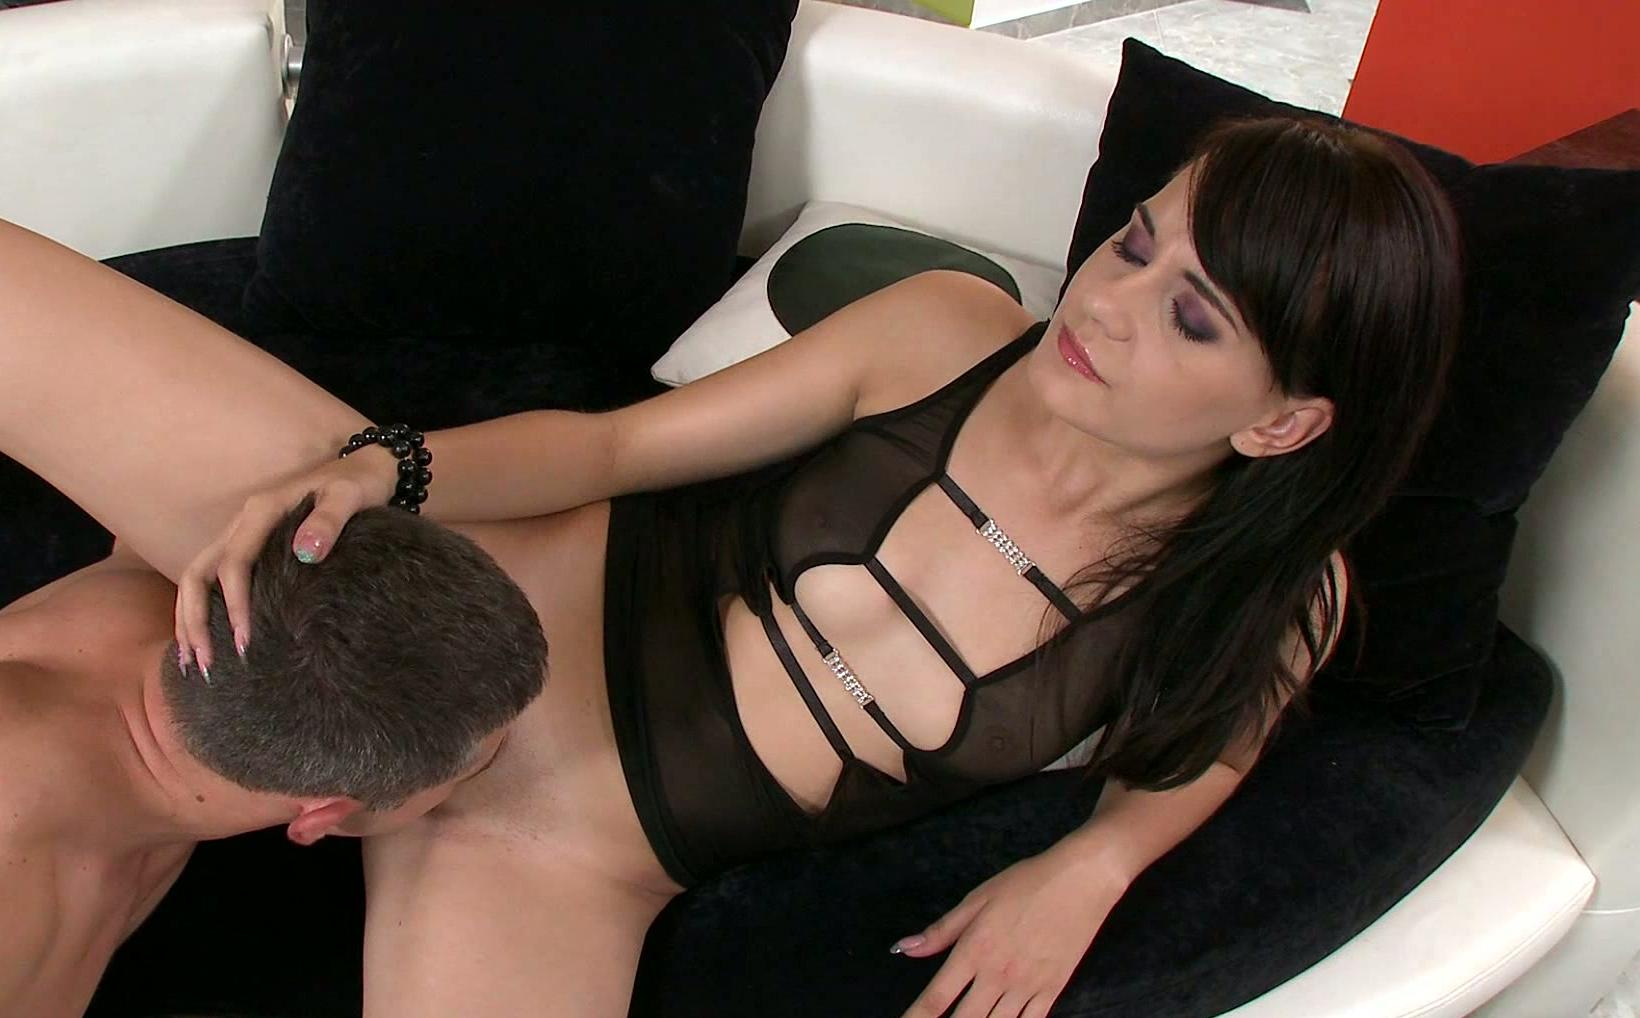 femme photo porno gratuite vieille